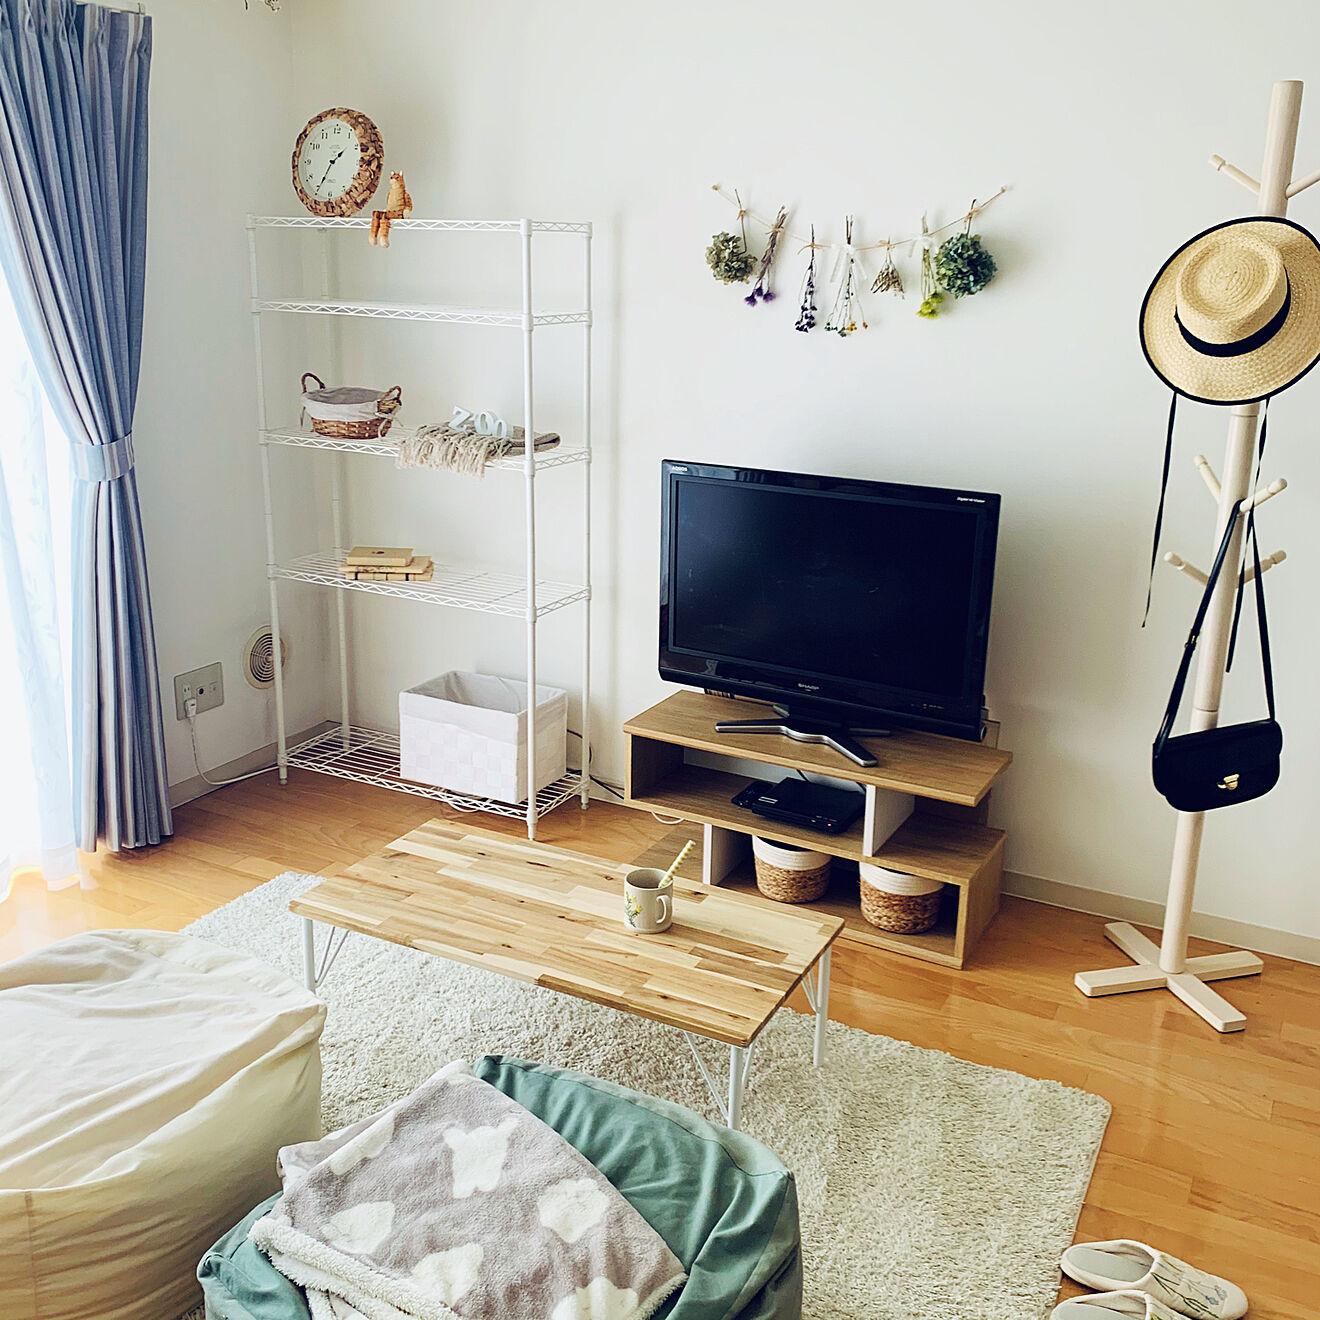 「29m2。優しさで包み込むような、幸せ感じるナチュラルなお部屋づくり」 by chisato.さん